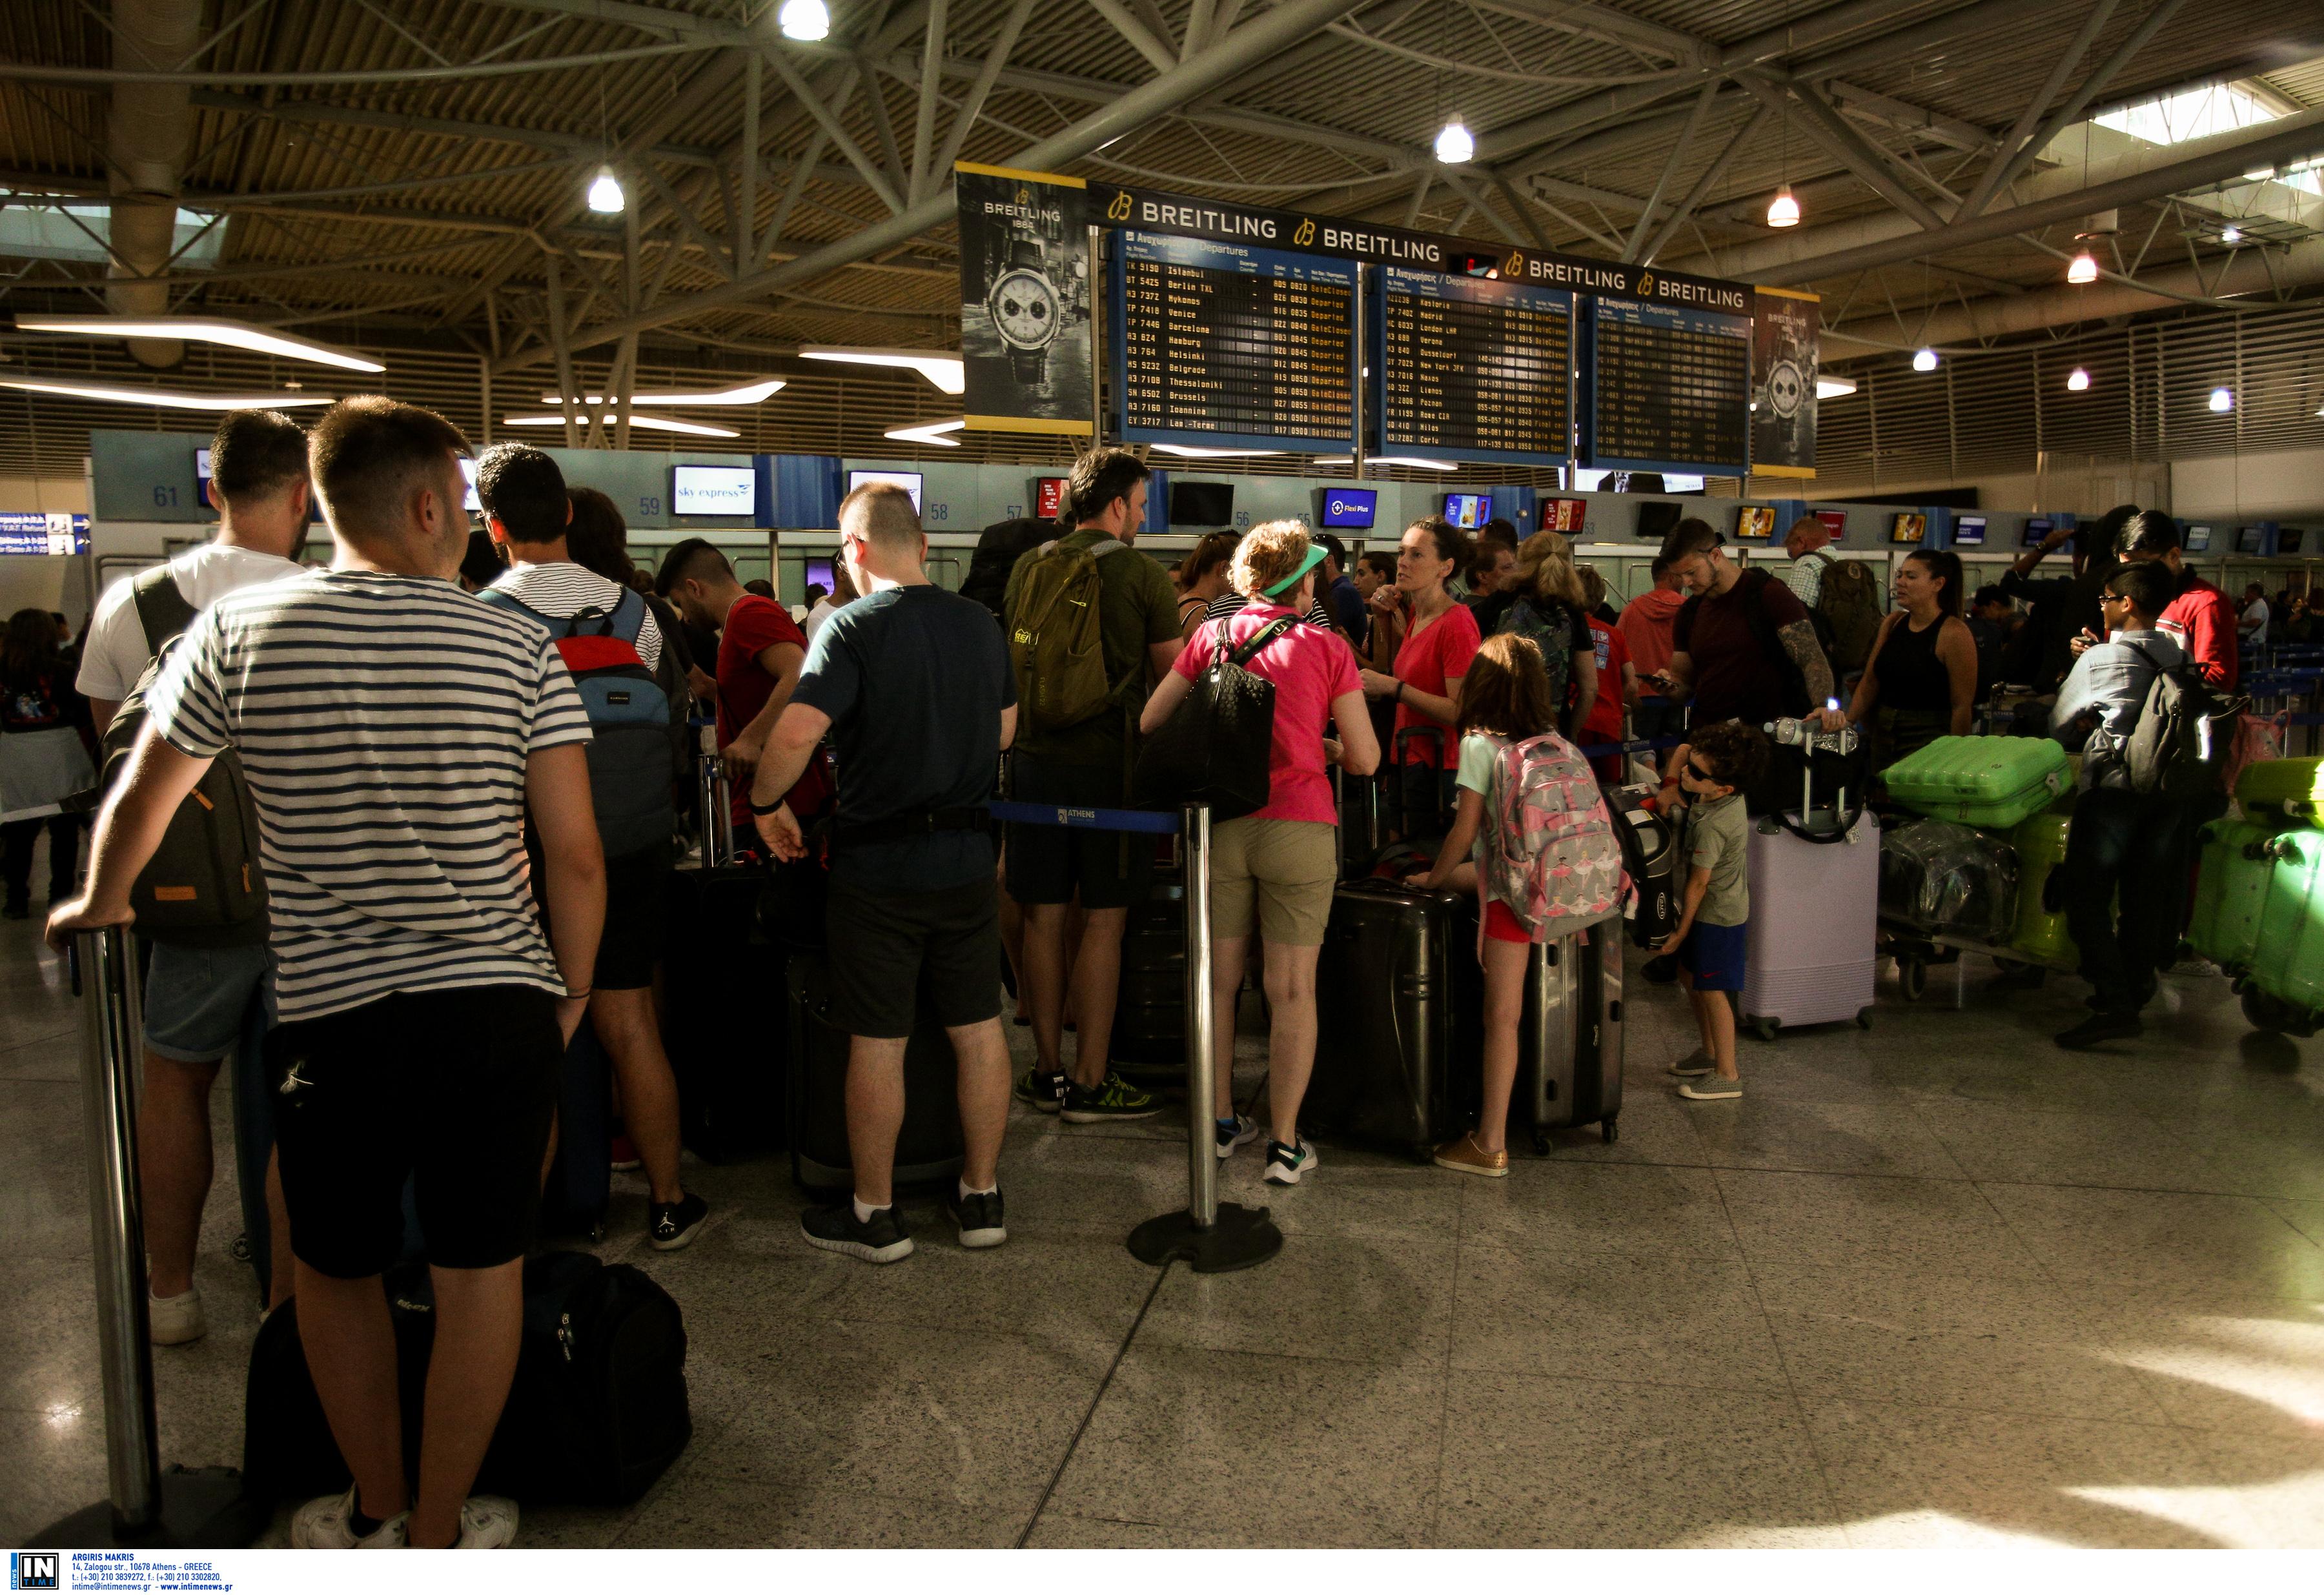 Αυτά είναι τα αεροδρόμια με τις μεγαλύτερες καθυστερήσεις! Που βρίσκονται τα ελληνικά